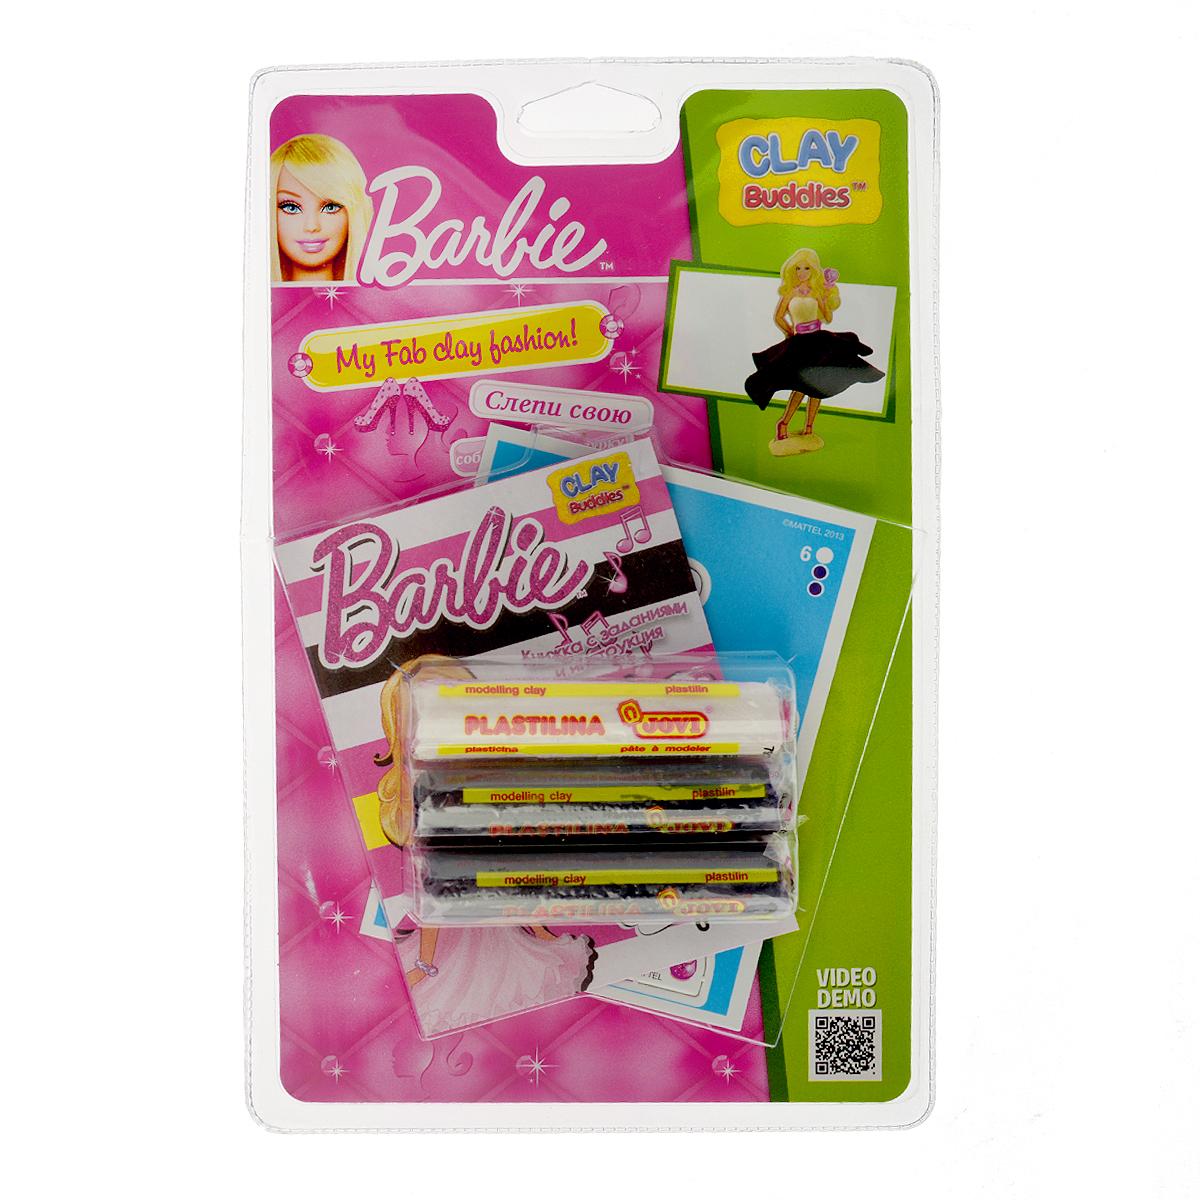 Giromax Набор для лепки Barbie с сердечком307571_сердечкоНабор для лепки Giromax Barbie с сердечком позволит вашему ребенку создать поделку в виде очаровательной Барби с сердечком на палочке в руке. Набор включает три бруска пластилина (один белого цвета, два других - темно-фиолетового), картонный лист с красочными элементами для оформления поделки, липучку для наклеивания элементов, а также брошюру с заданиями и инструкцией на русском языке. Работа с пластилином для лепки подарит вашему ребенку положительные эмоции, а также поможет развить мелкую моторику рук, внимательность и усидчивость.